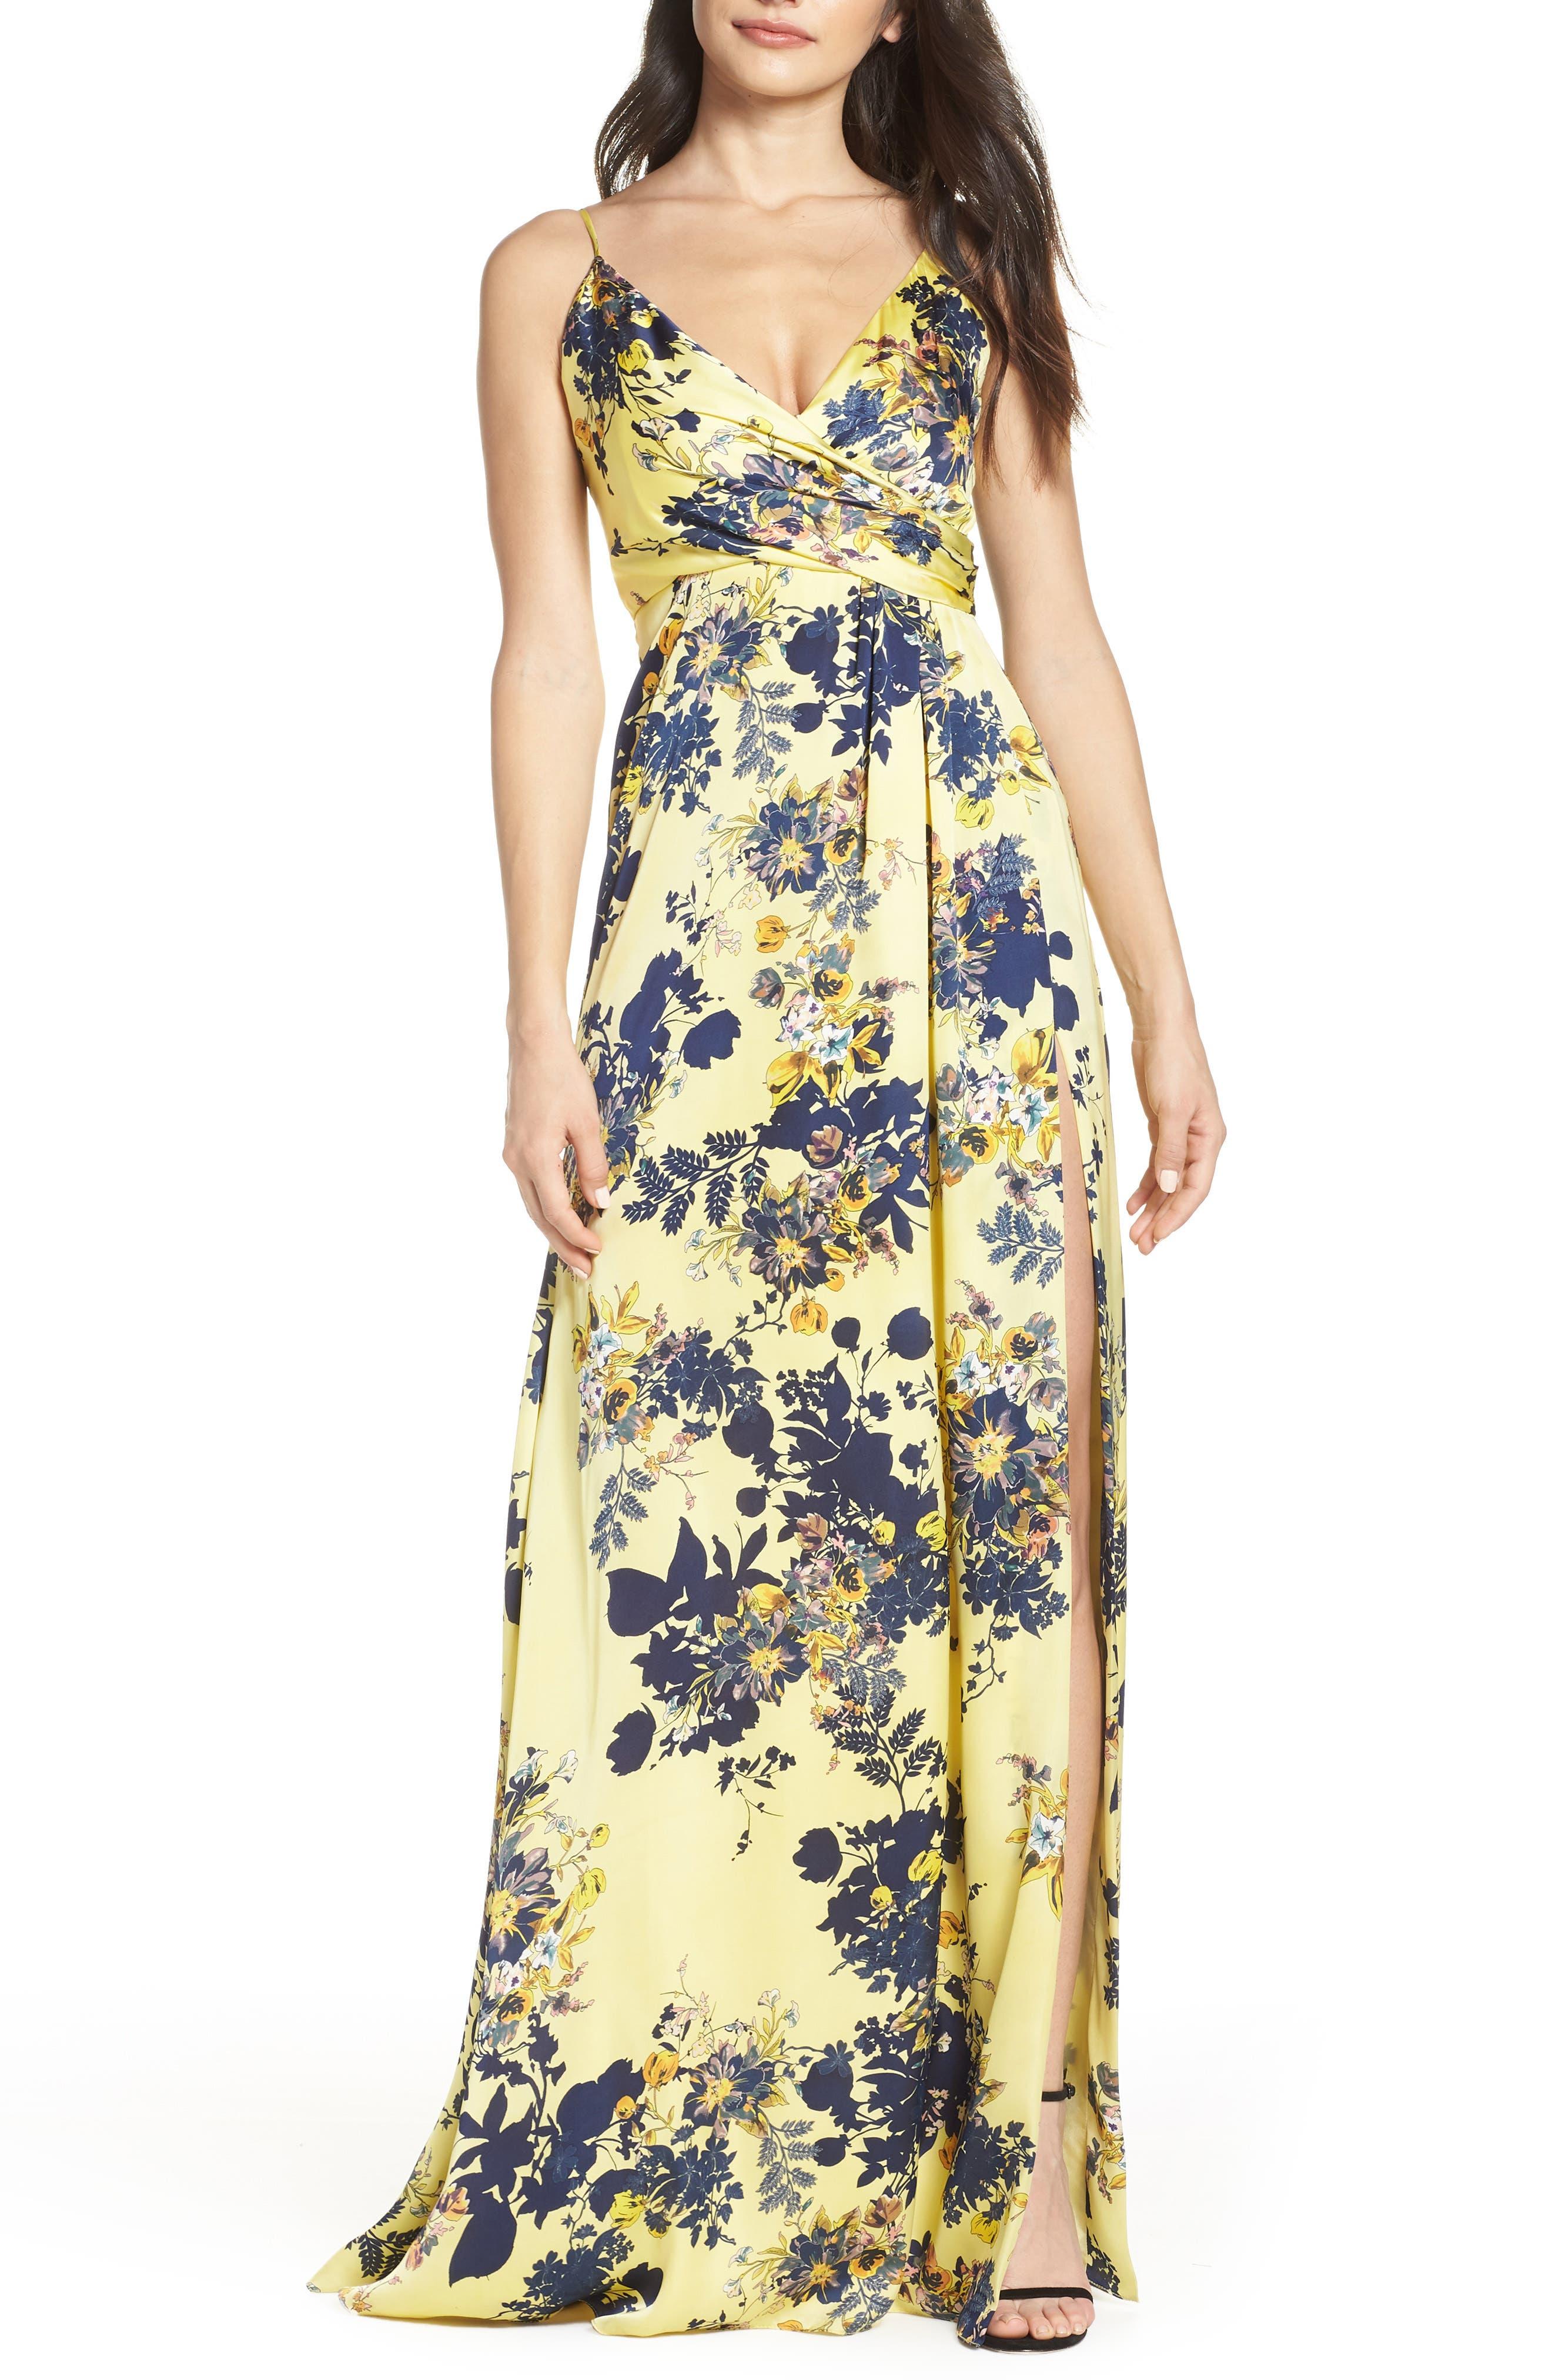 Jill Jill Stuart Dresses FLORAL MAXI DRESS